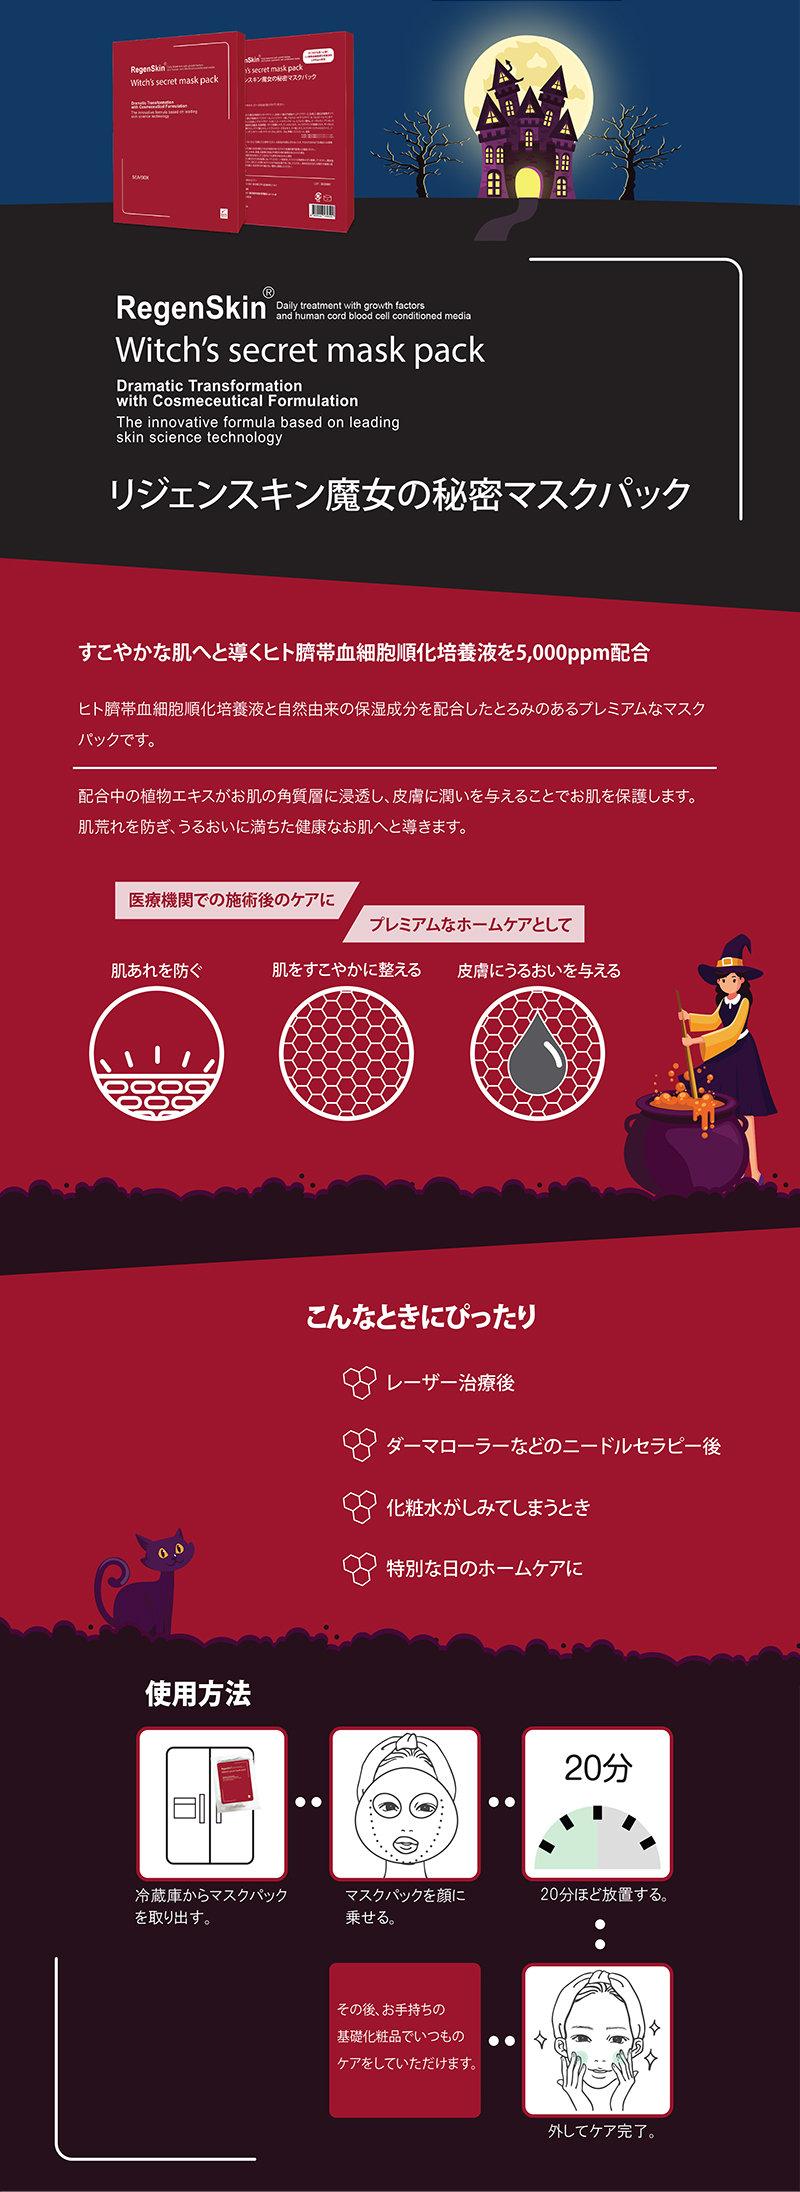 RegenSkin Witchs secret mask pack web.jp